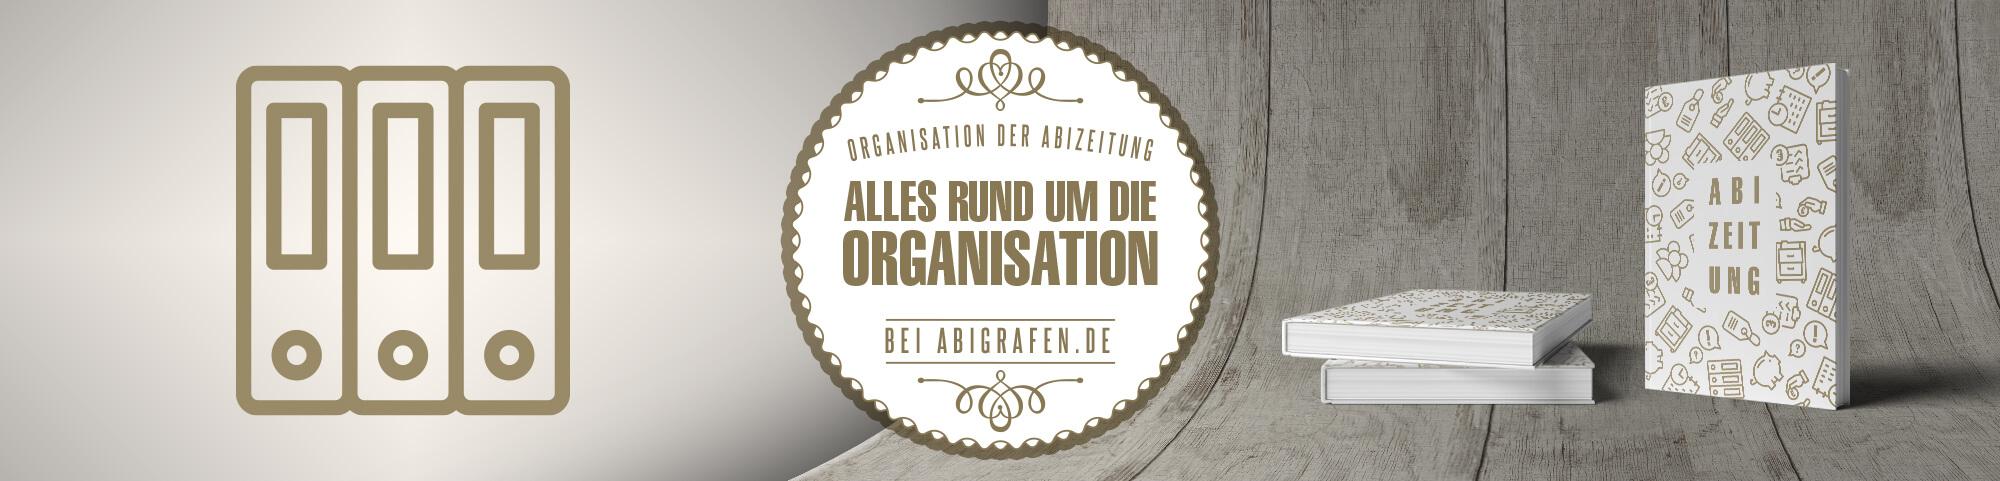 Organisation der Abizeitung: Tipps, Tricks & Checklisten zur Planung der Abizeitung / des Abibuchs mit Anleitungen und Hilfen